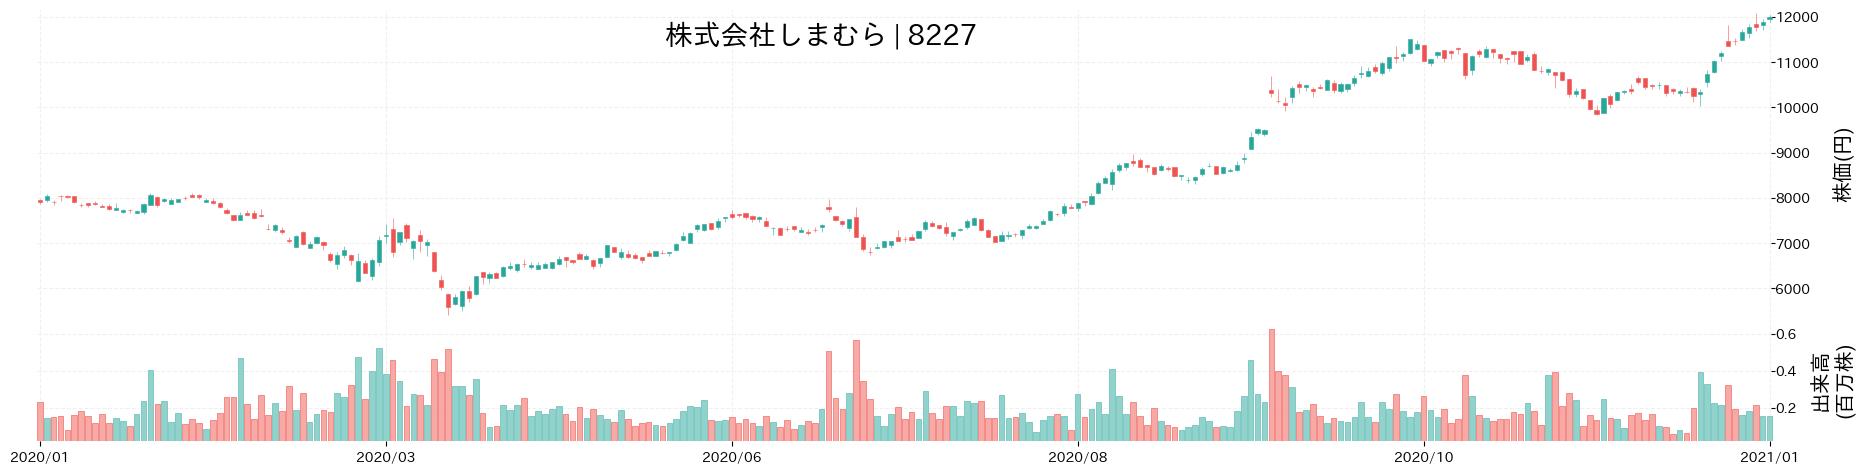 株式会社しまむらの株価推移(2020)